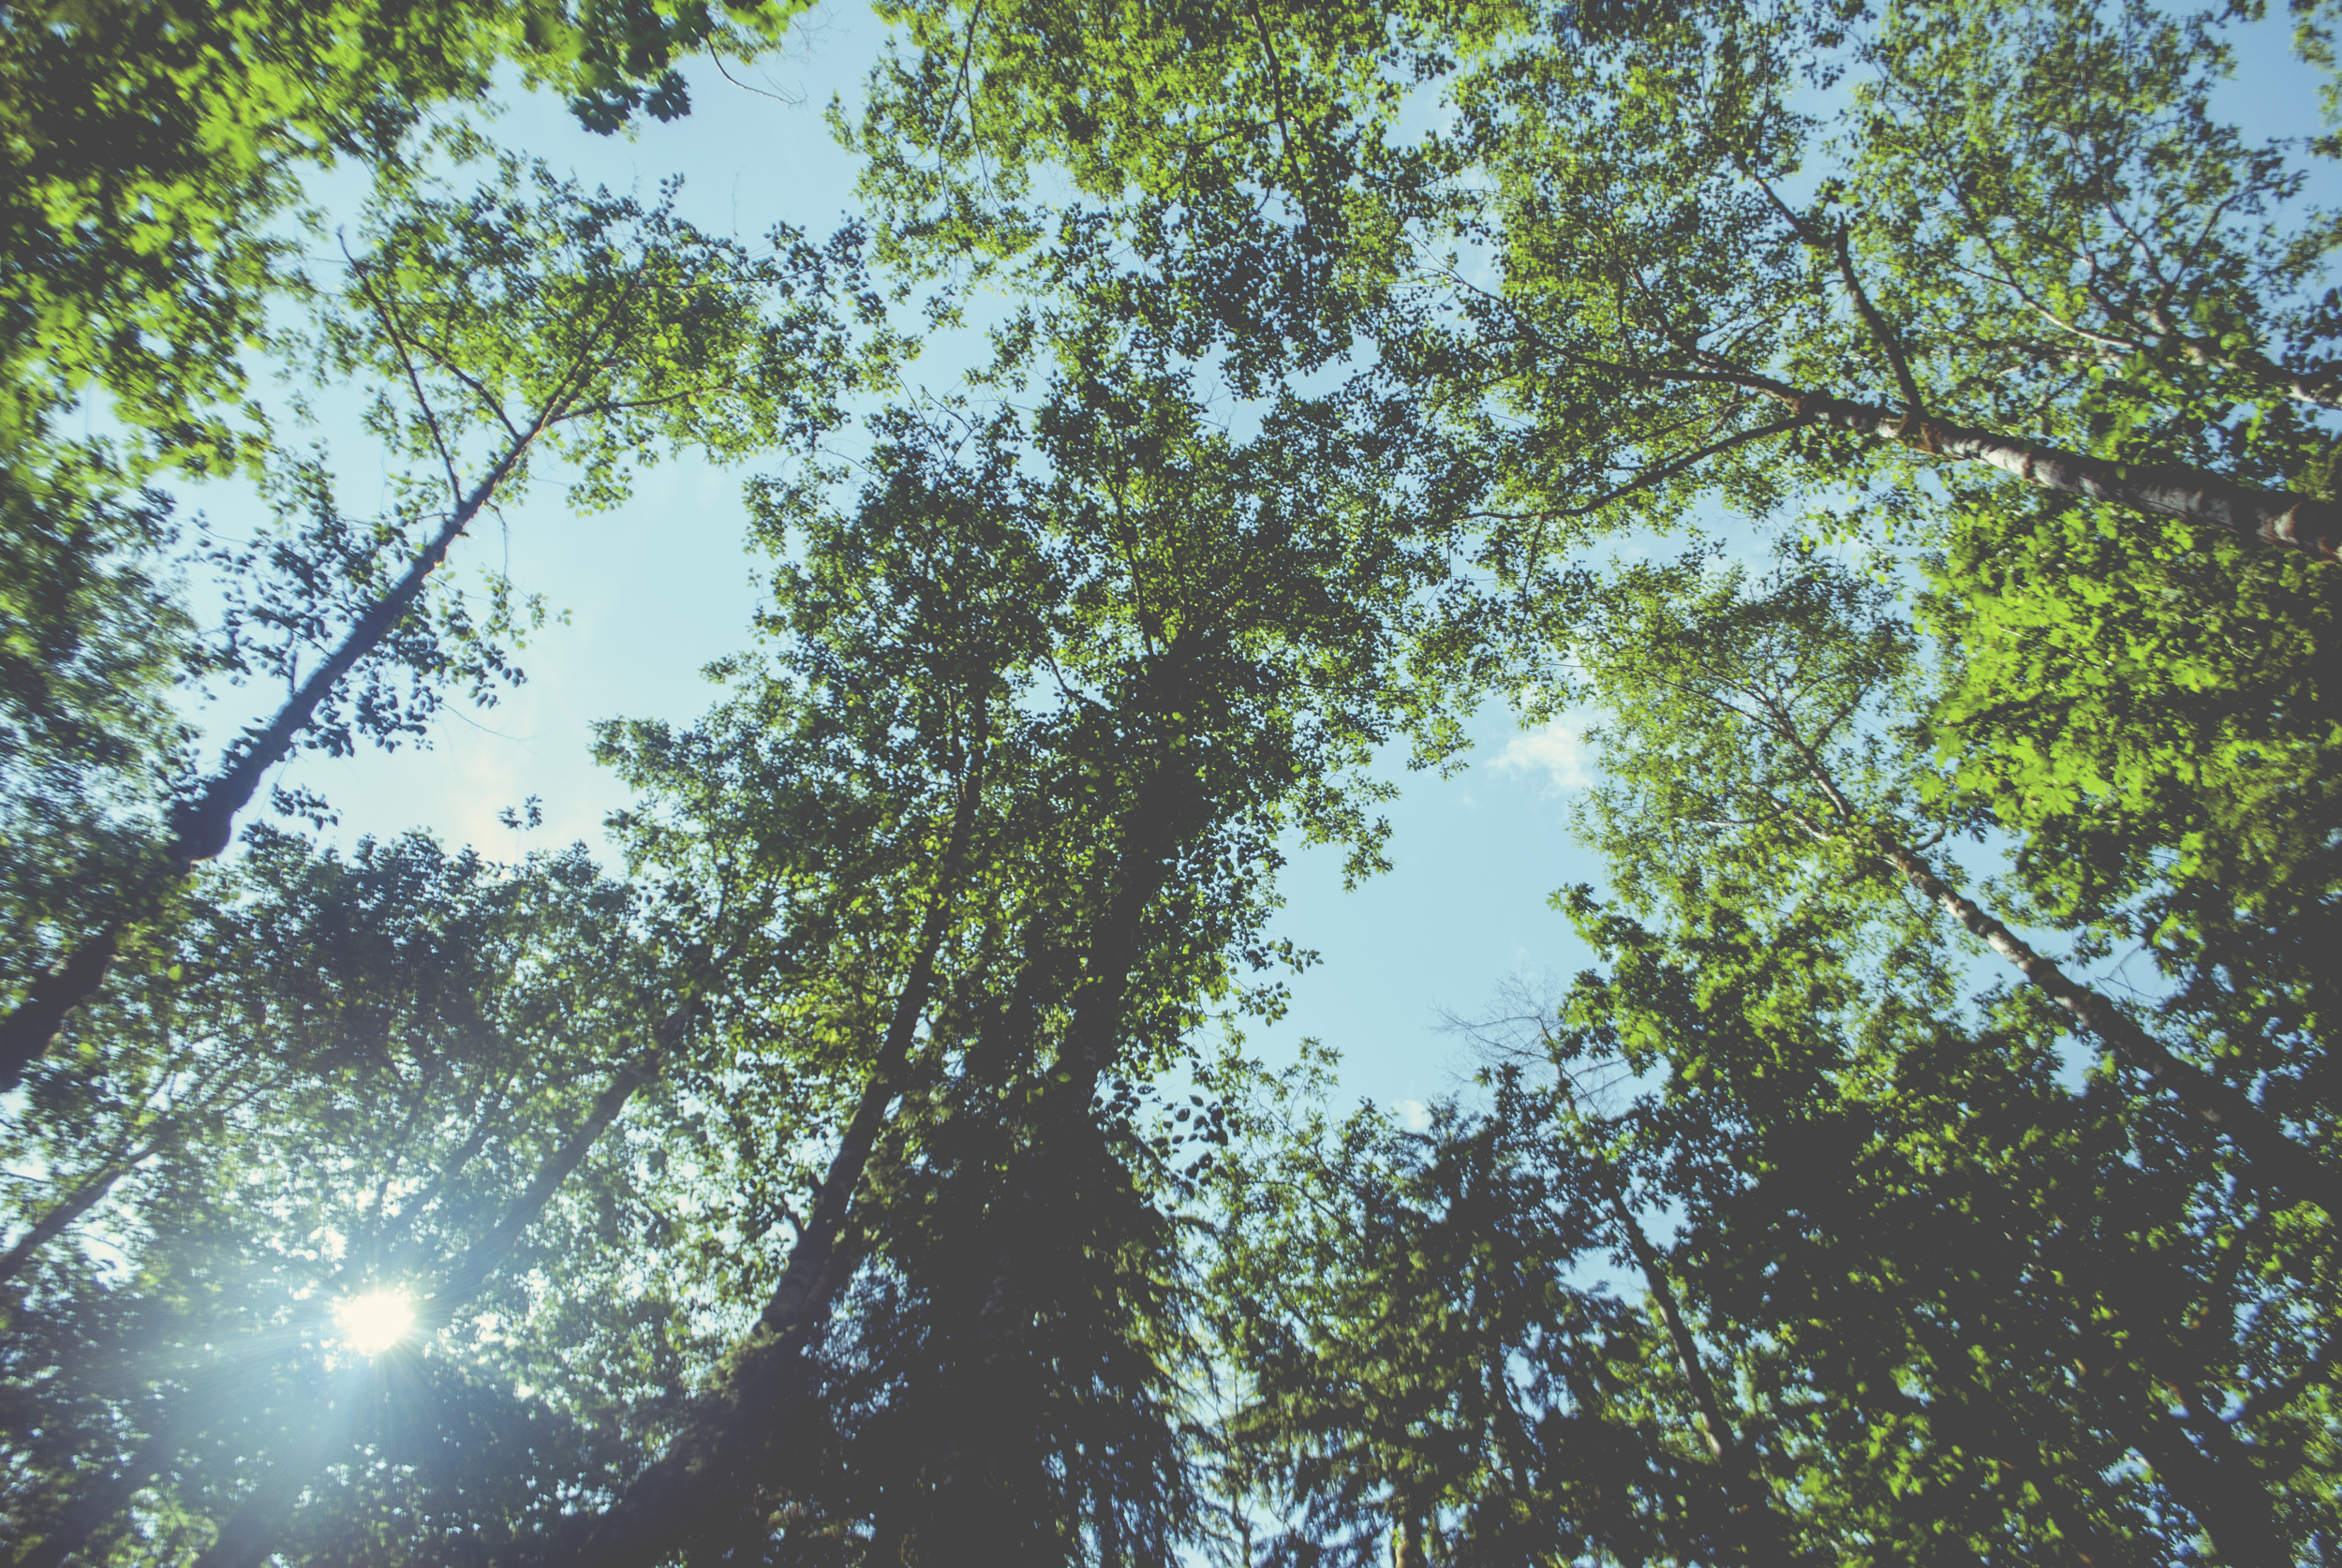 Seattle_trees_looking_up_0307.jpg